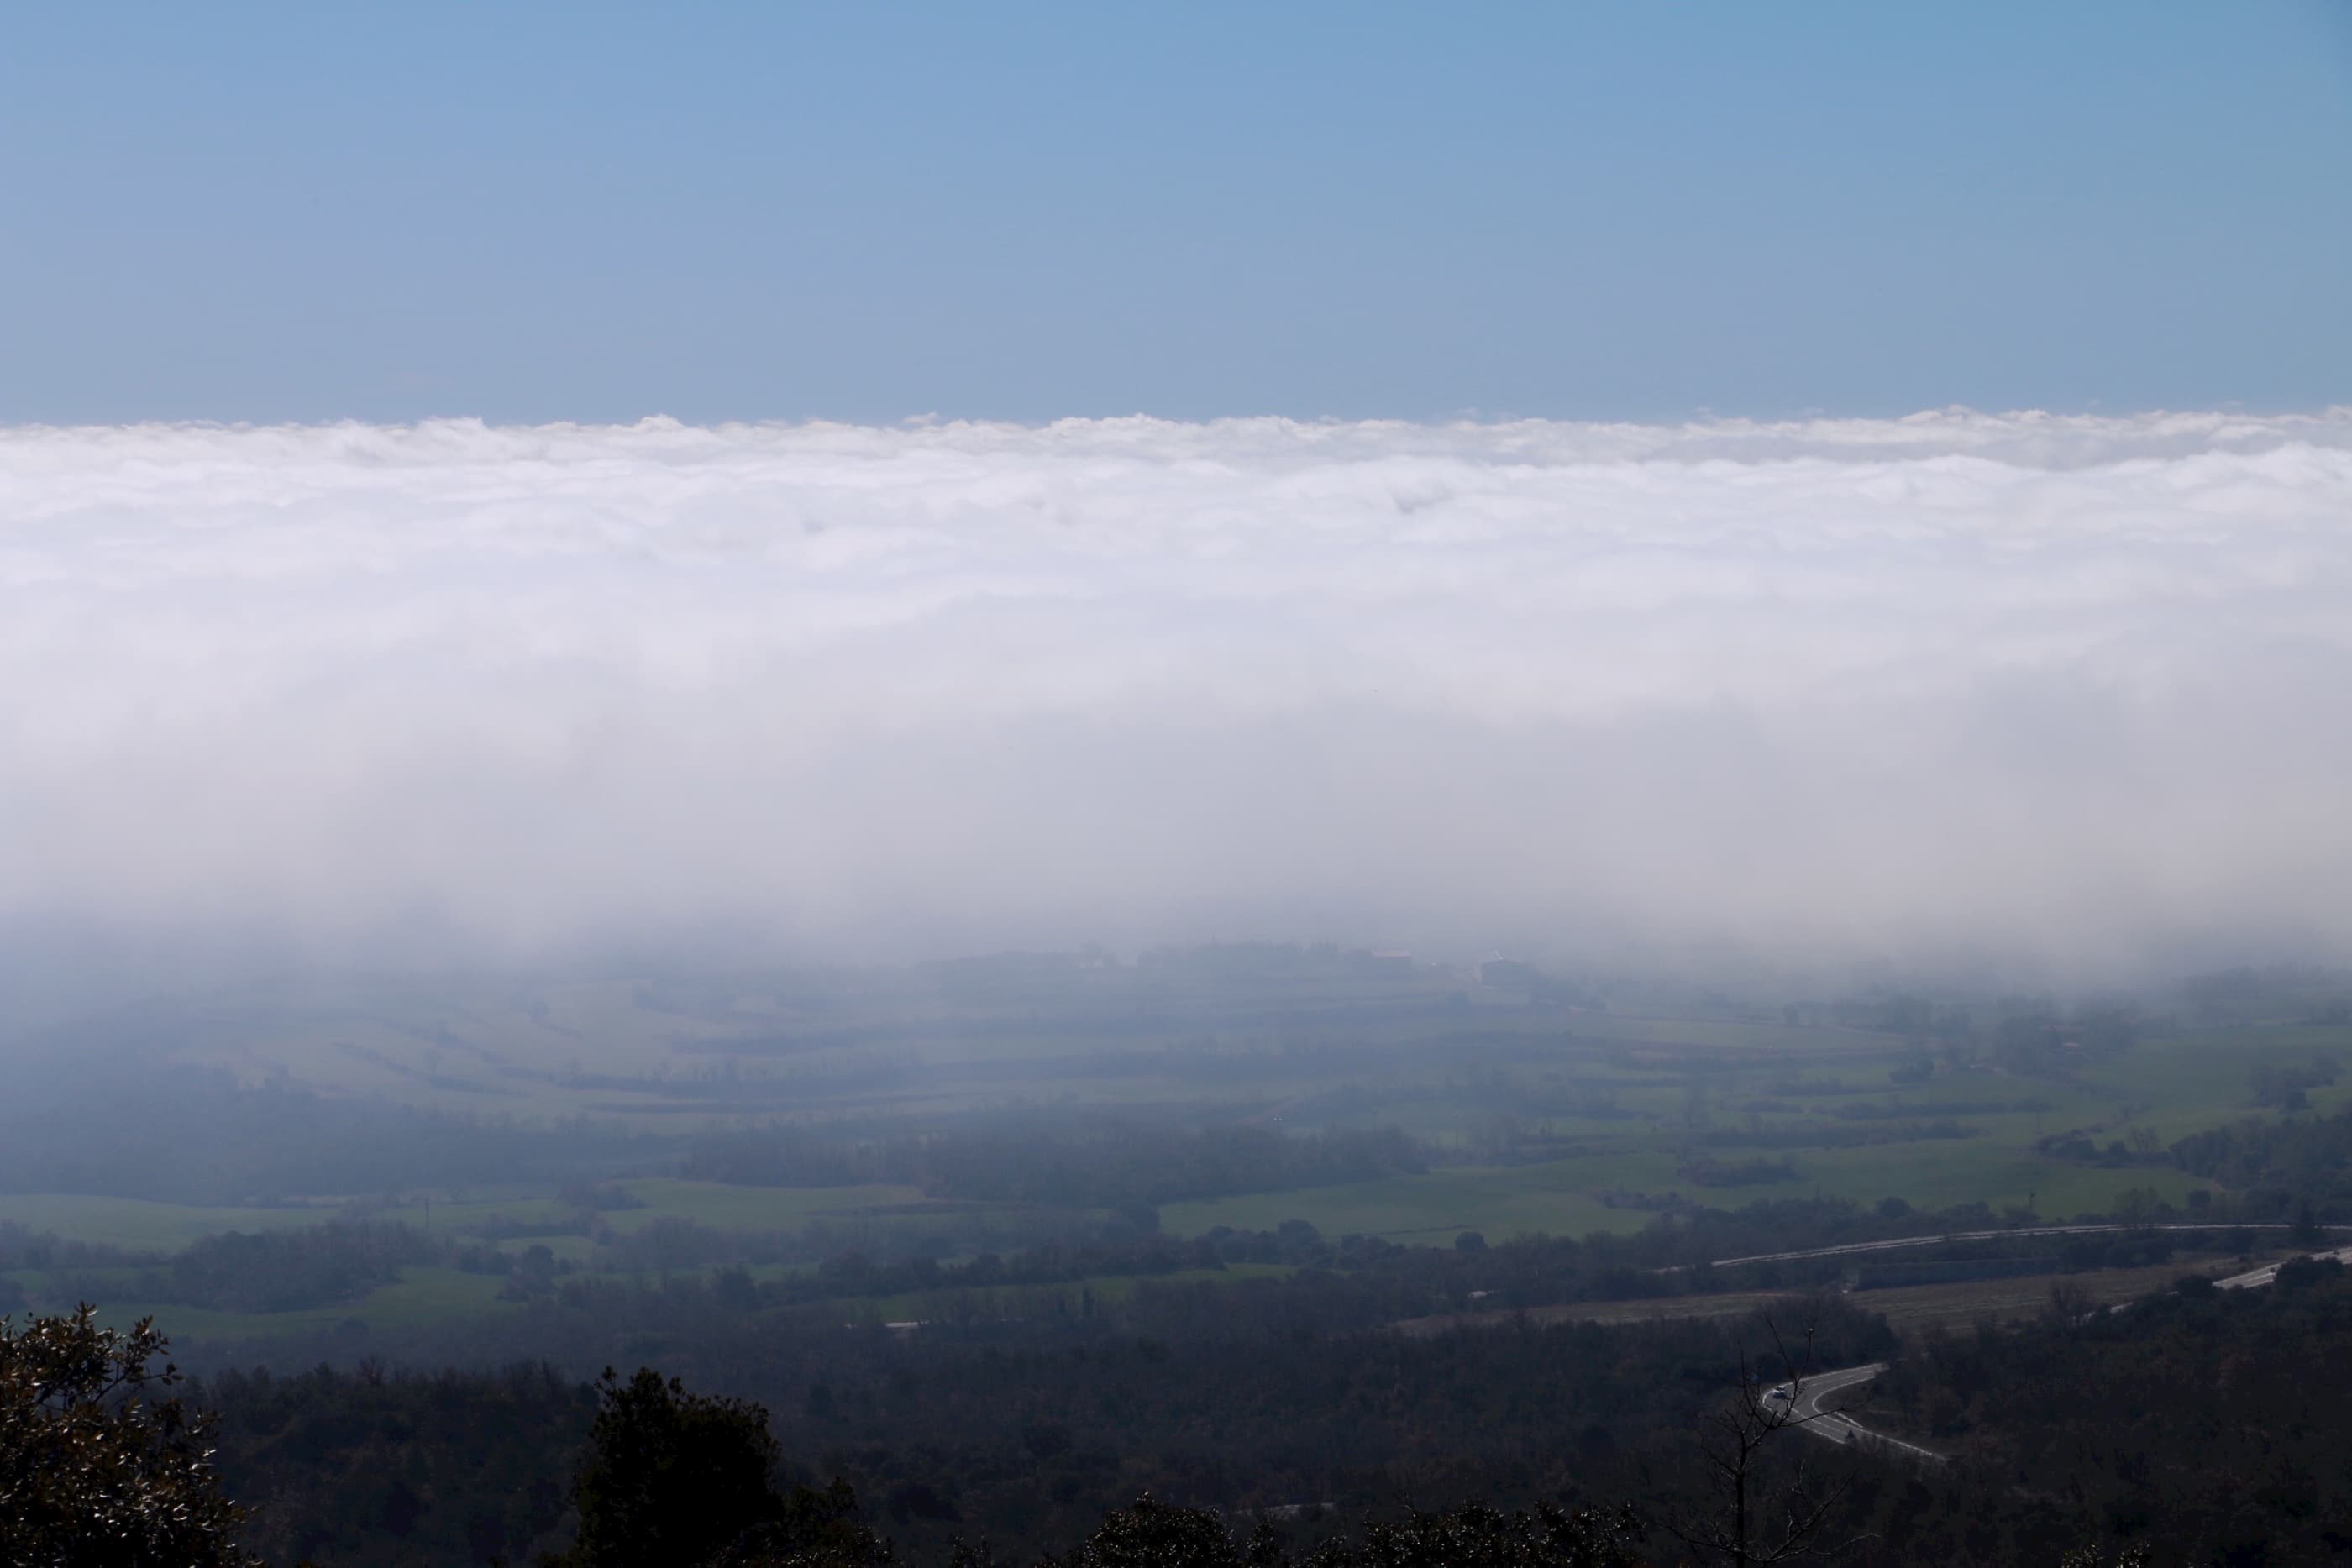 La «boira»(niebla), sobre la comarca leridana de La Noguera, vista desde la sierra del Montsec (coll de Comiols).